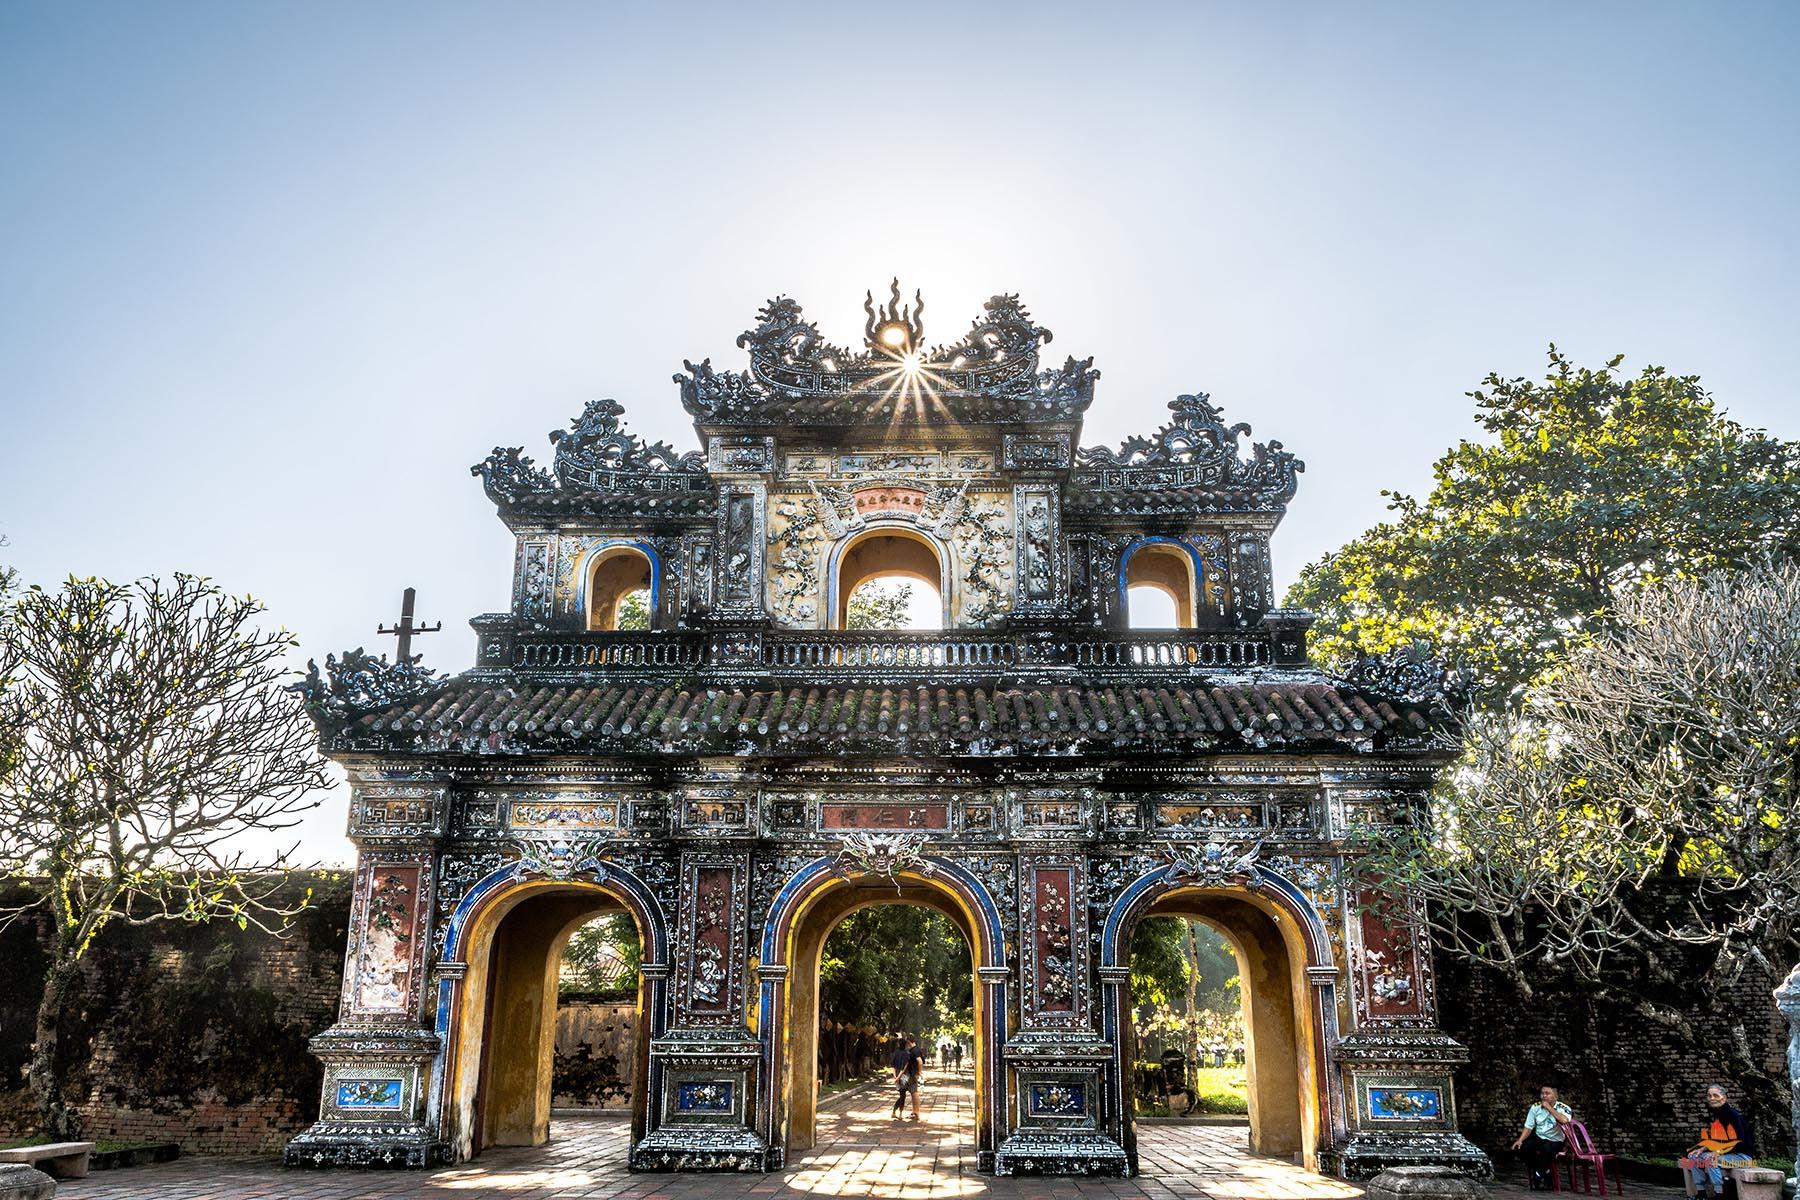 Une des entrées de la citadelle, Hue, Vietnam